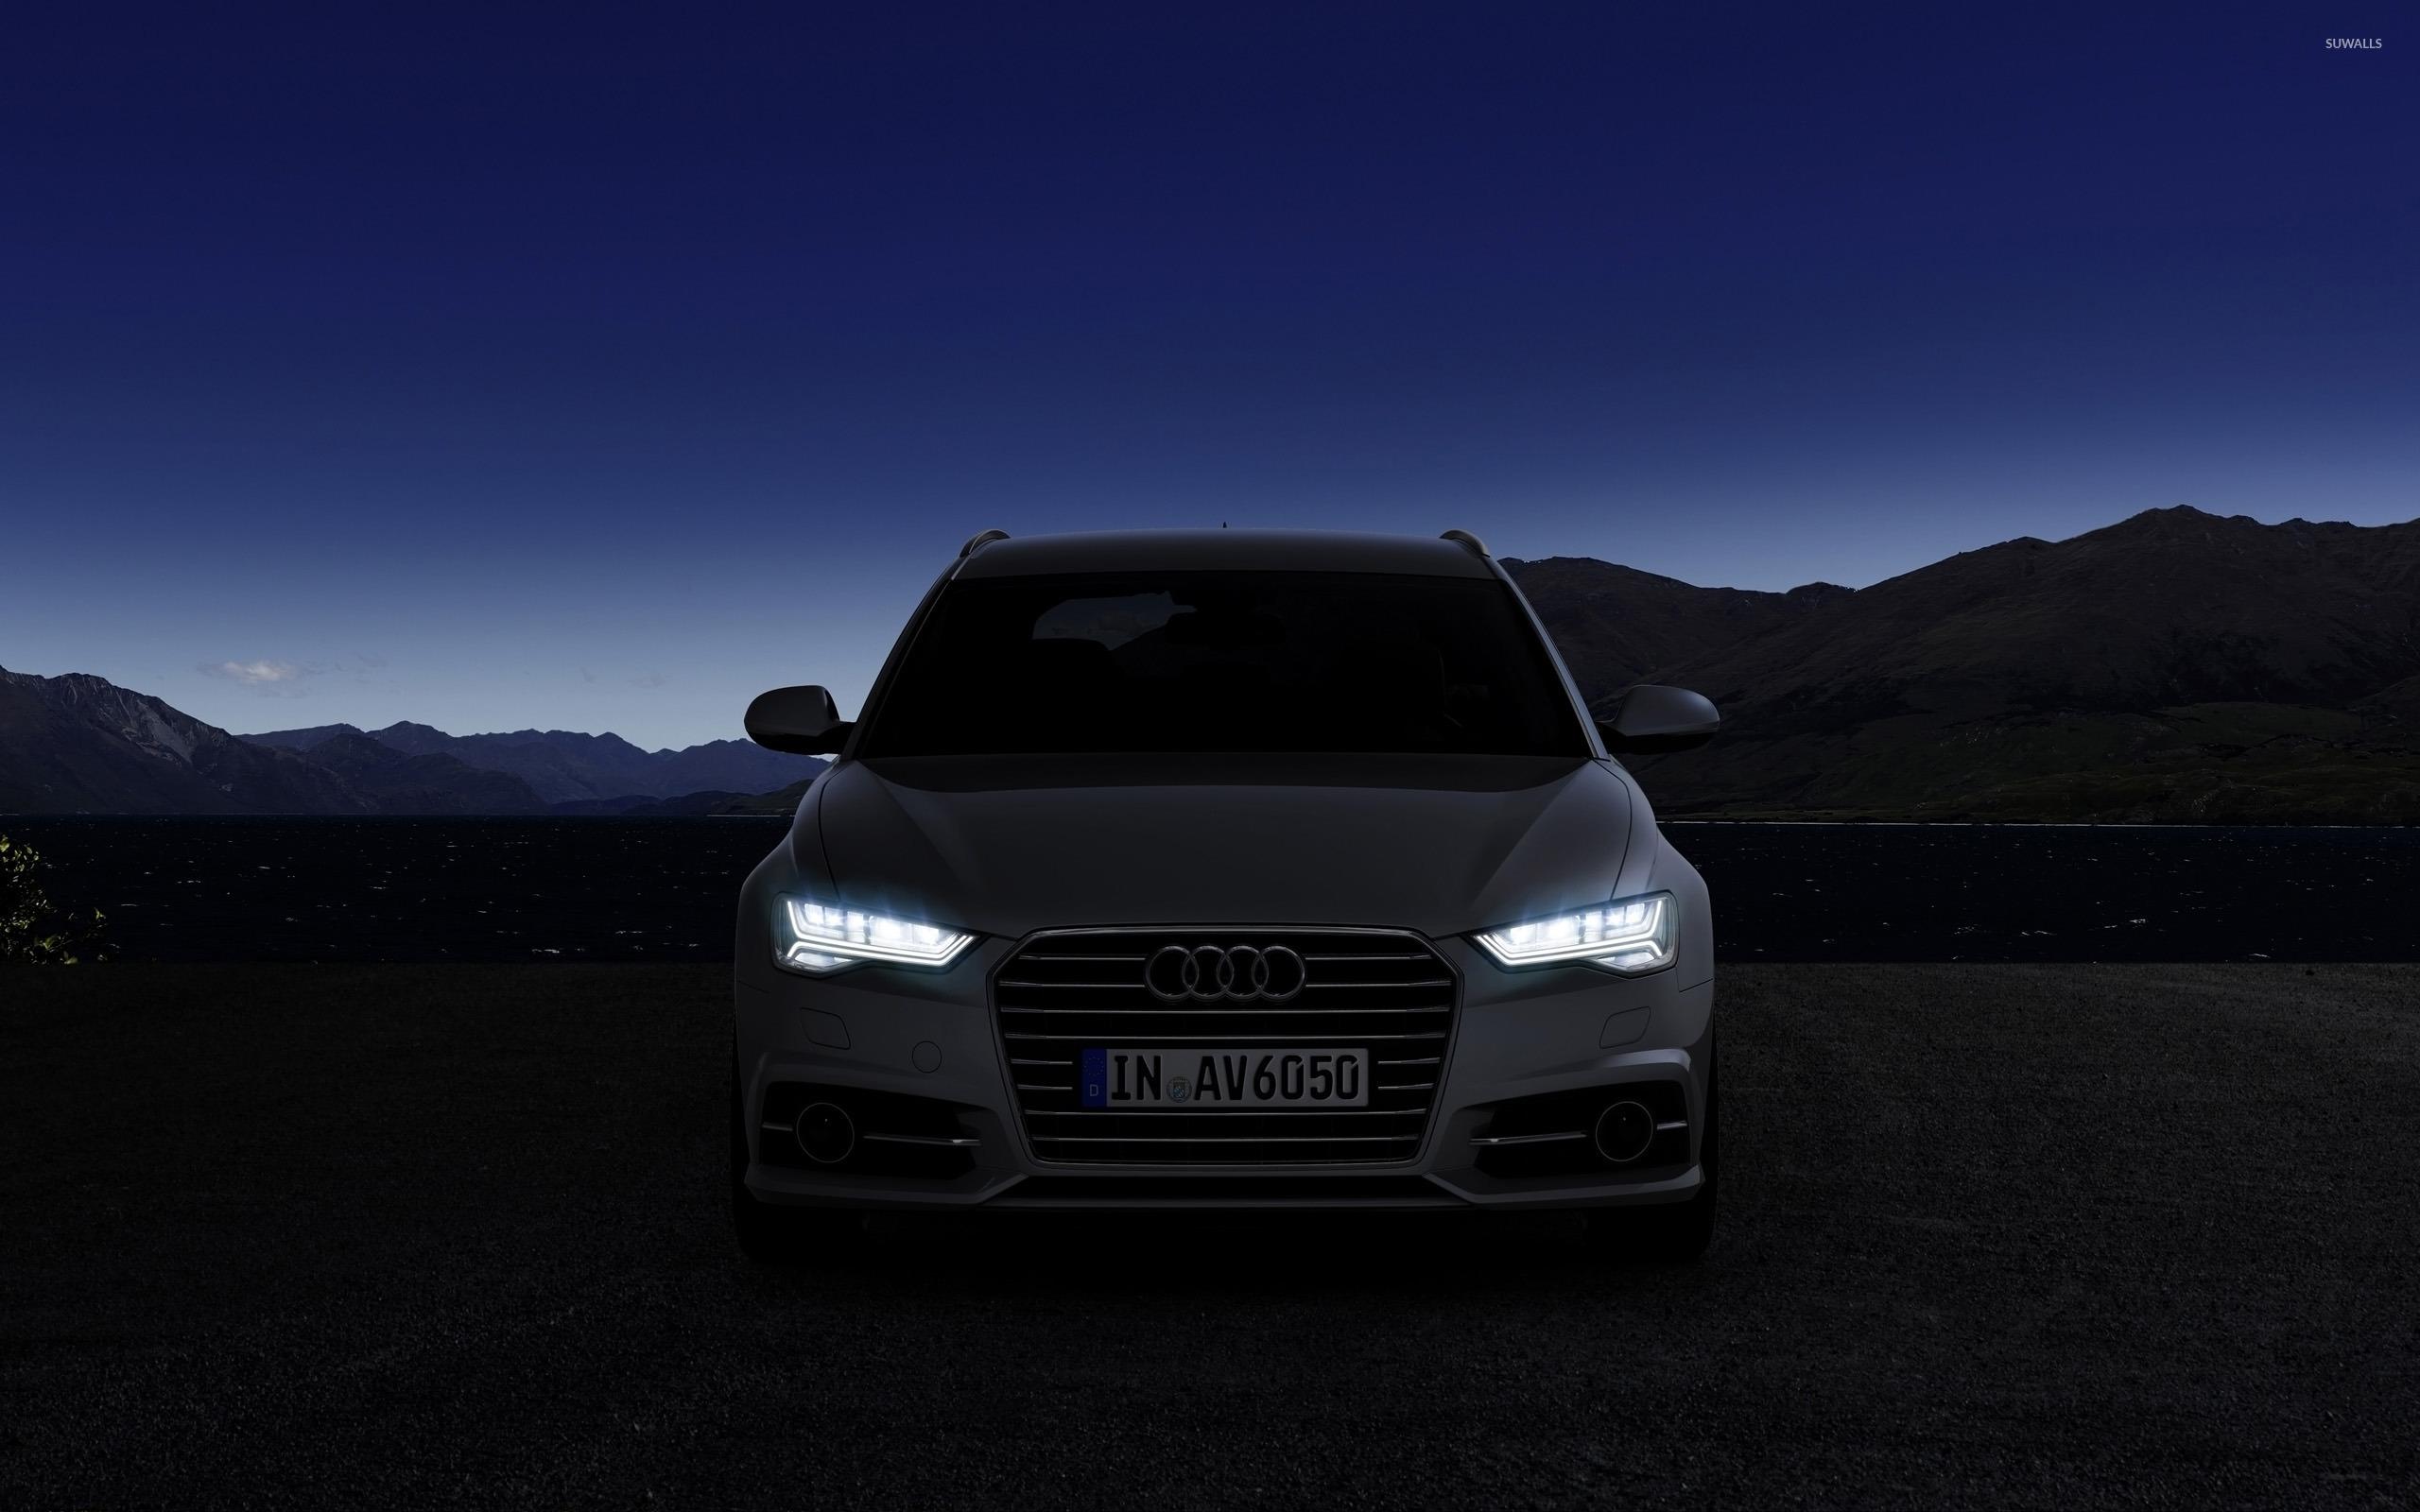 2015 Audi A6 Wallpaper Car Wallpapers 40733